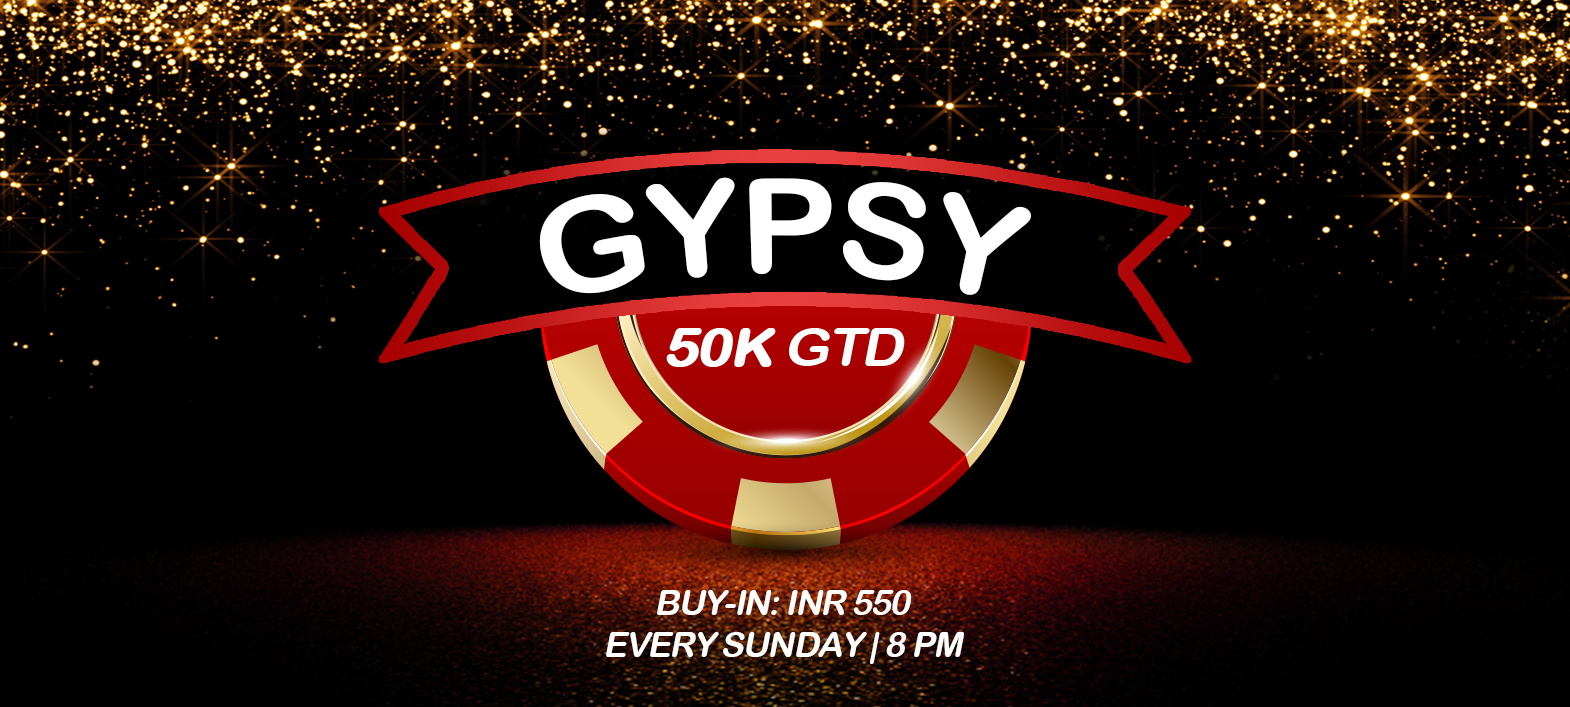 Gypsy 50K GTD